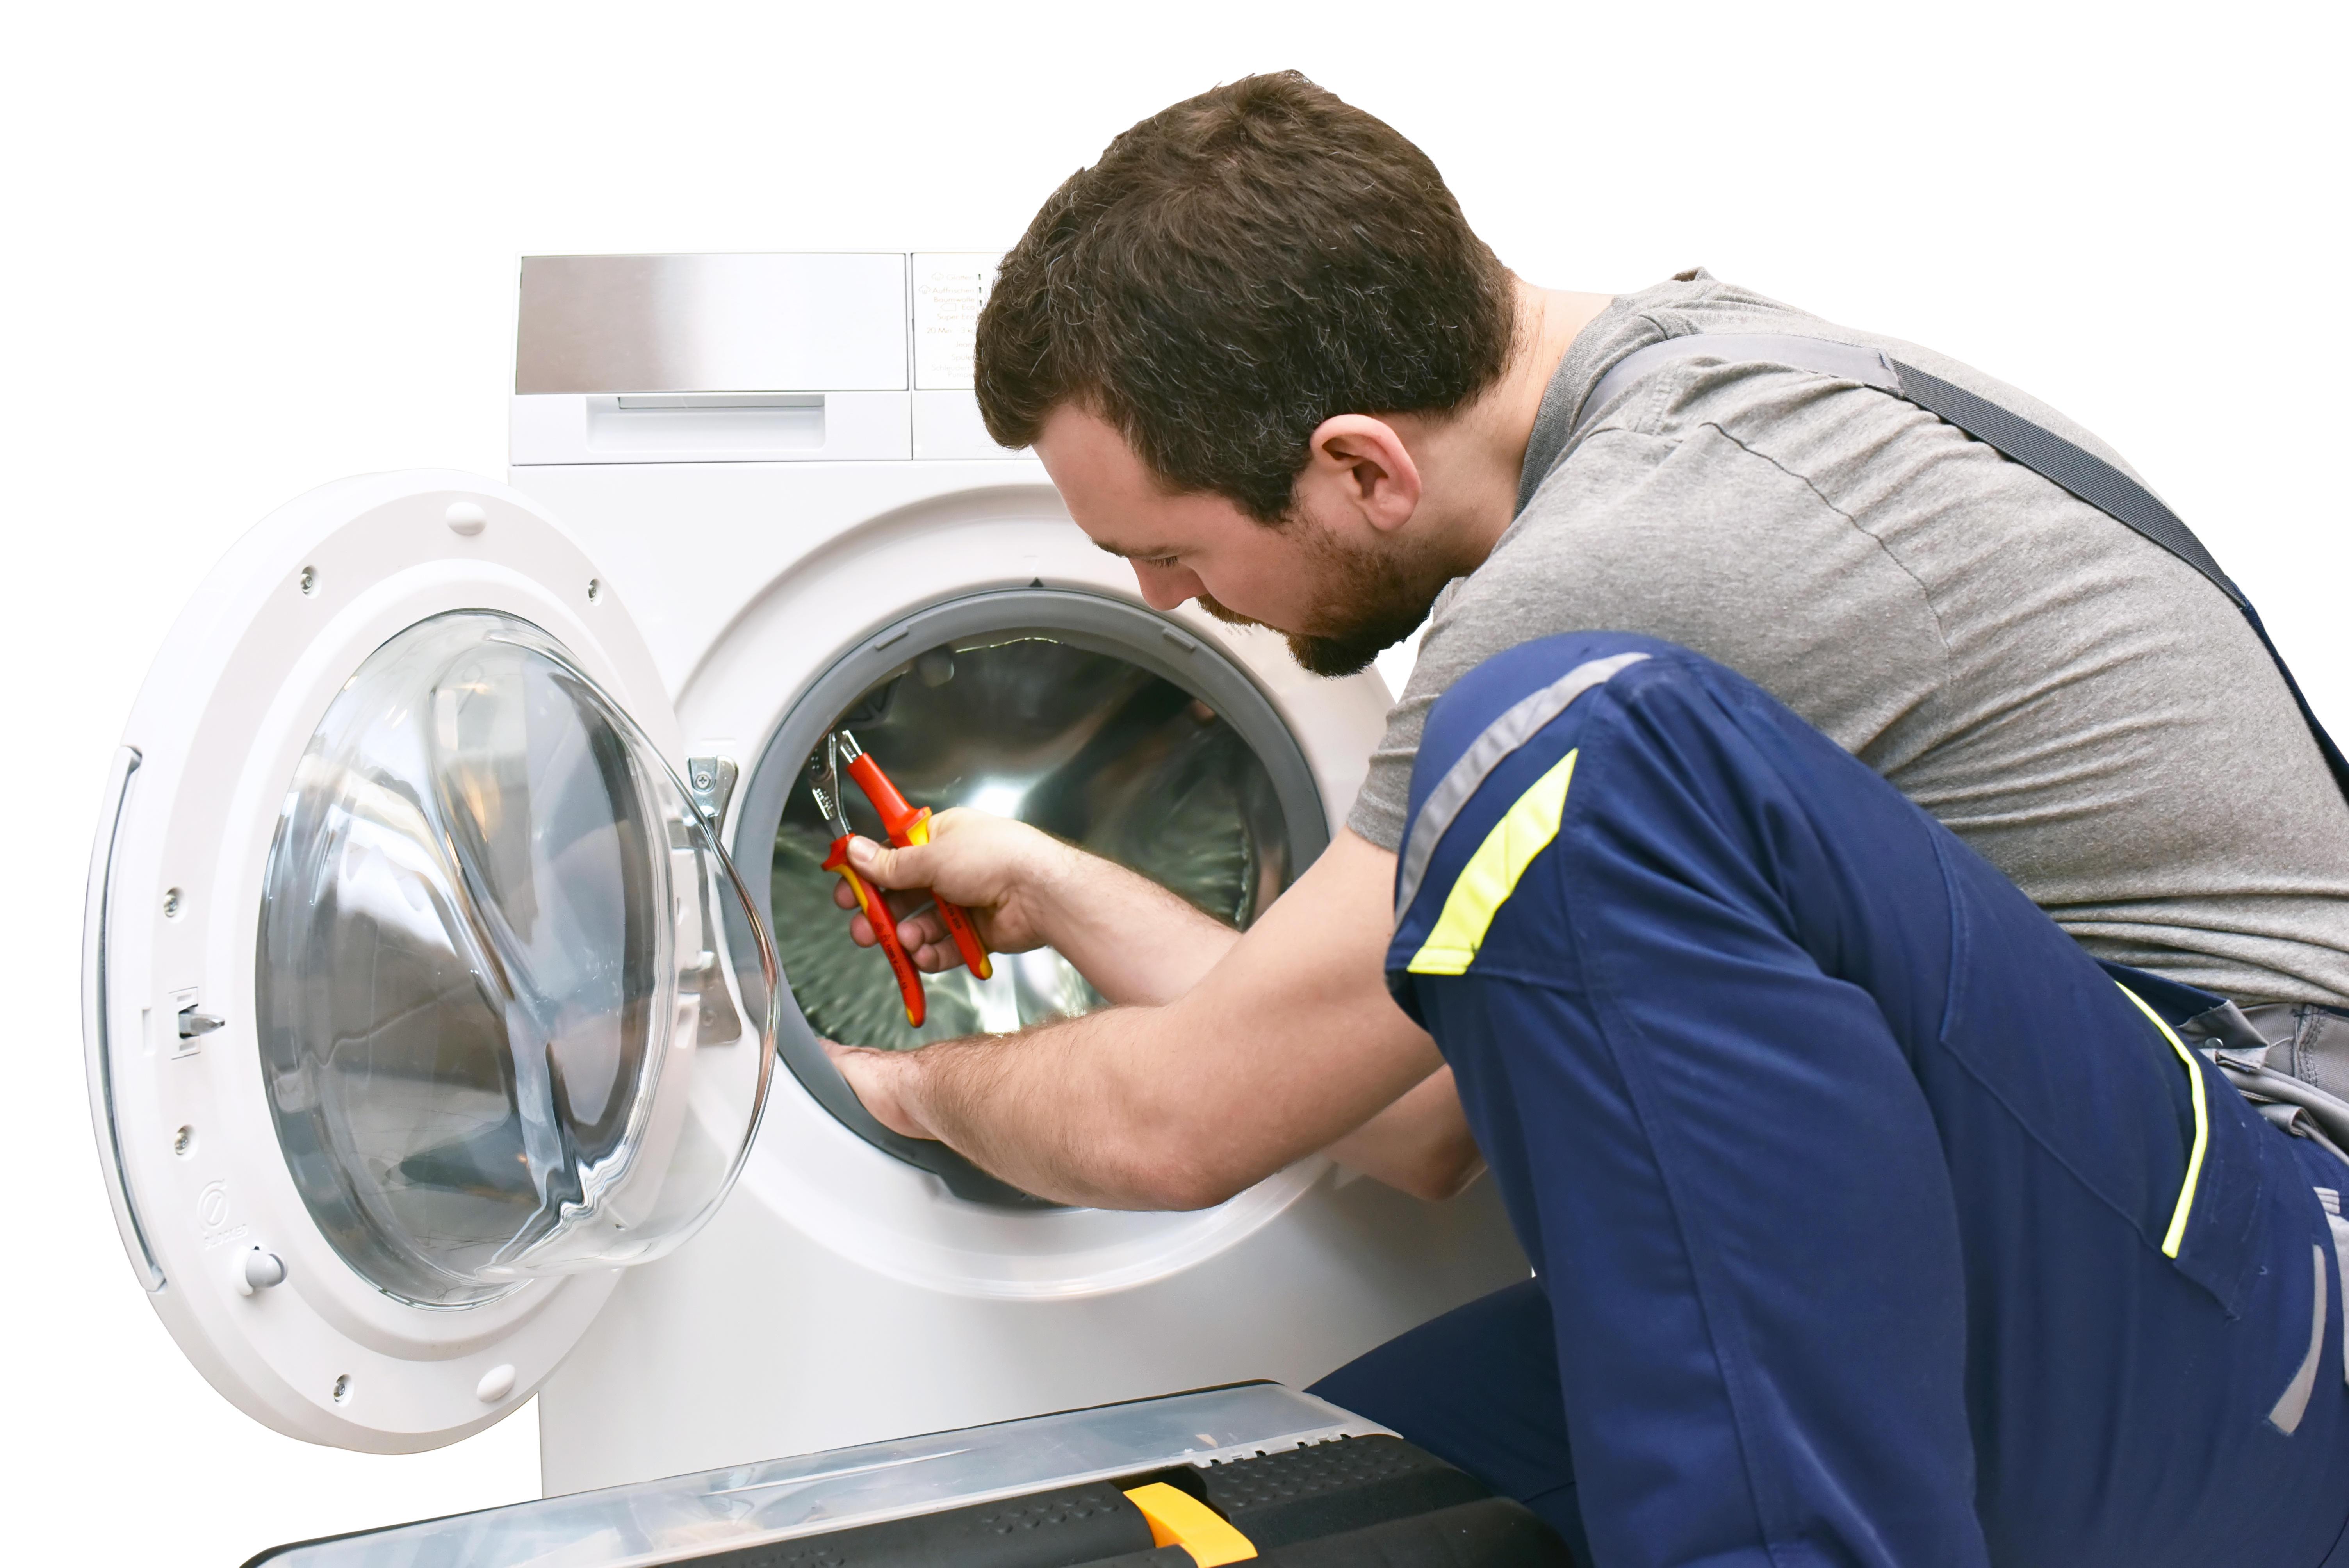 Ernst Elektroinstallations GmbH